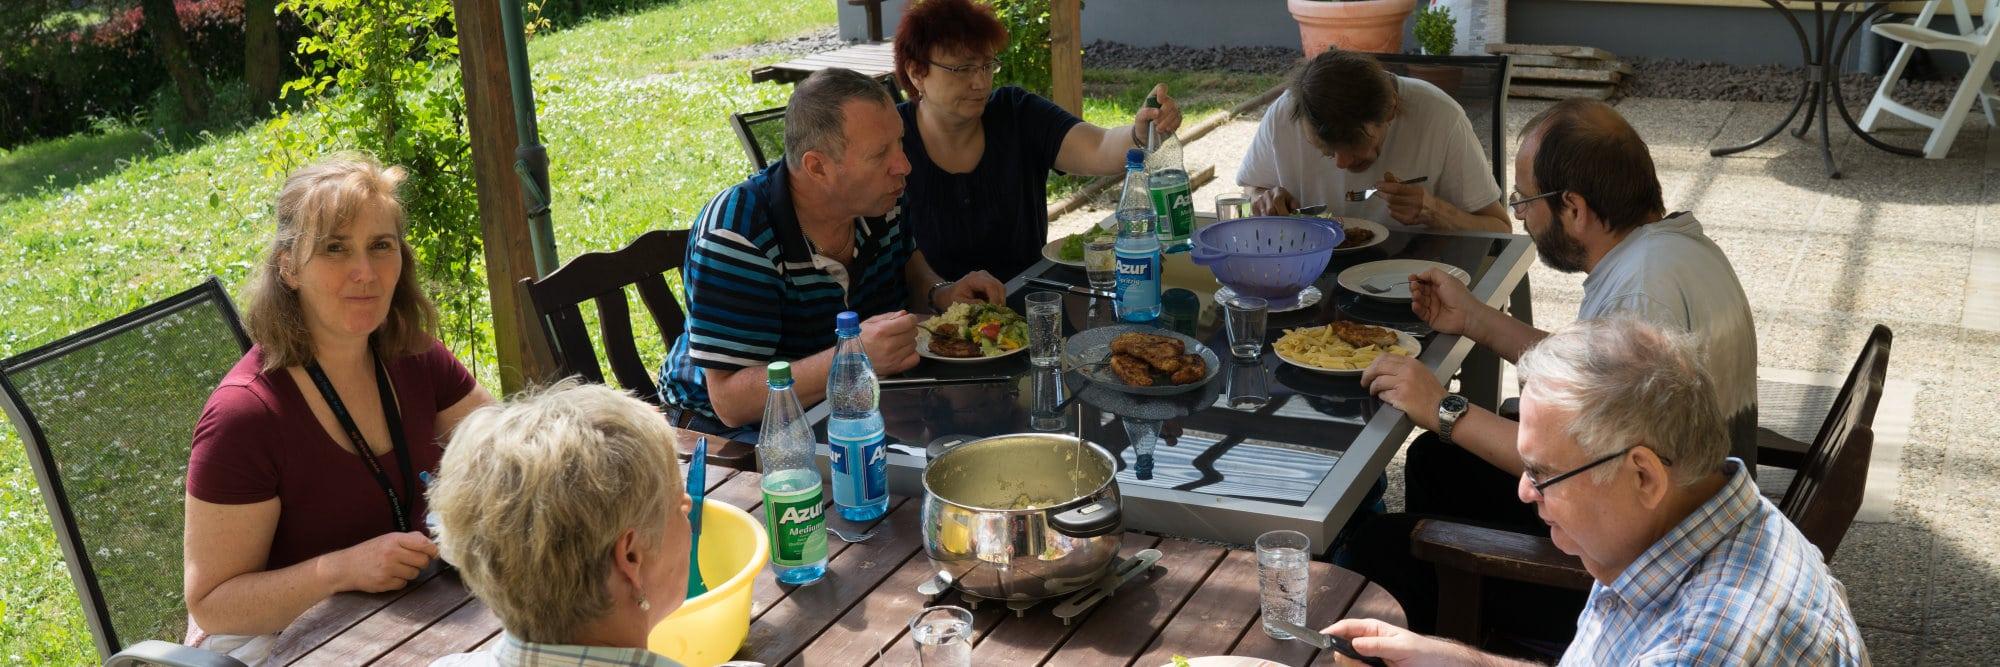 Eine Gruppe von Menschen sitzt auf der Terrasse an einem Tisch und nimmt gemeinsam eine Mahlzeit ein.